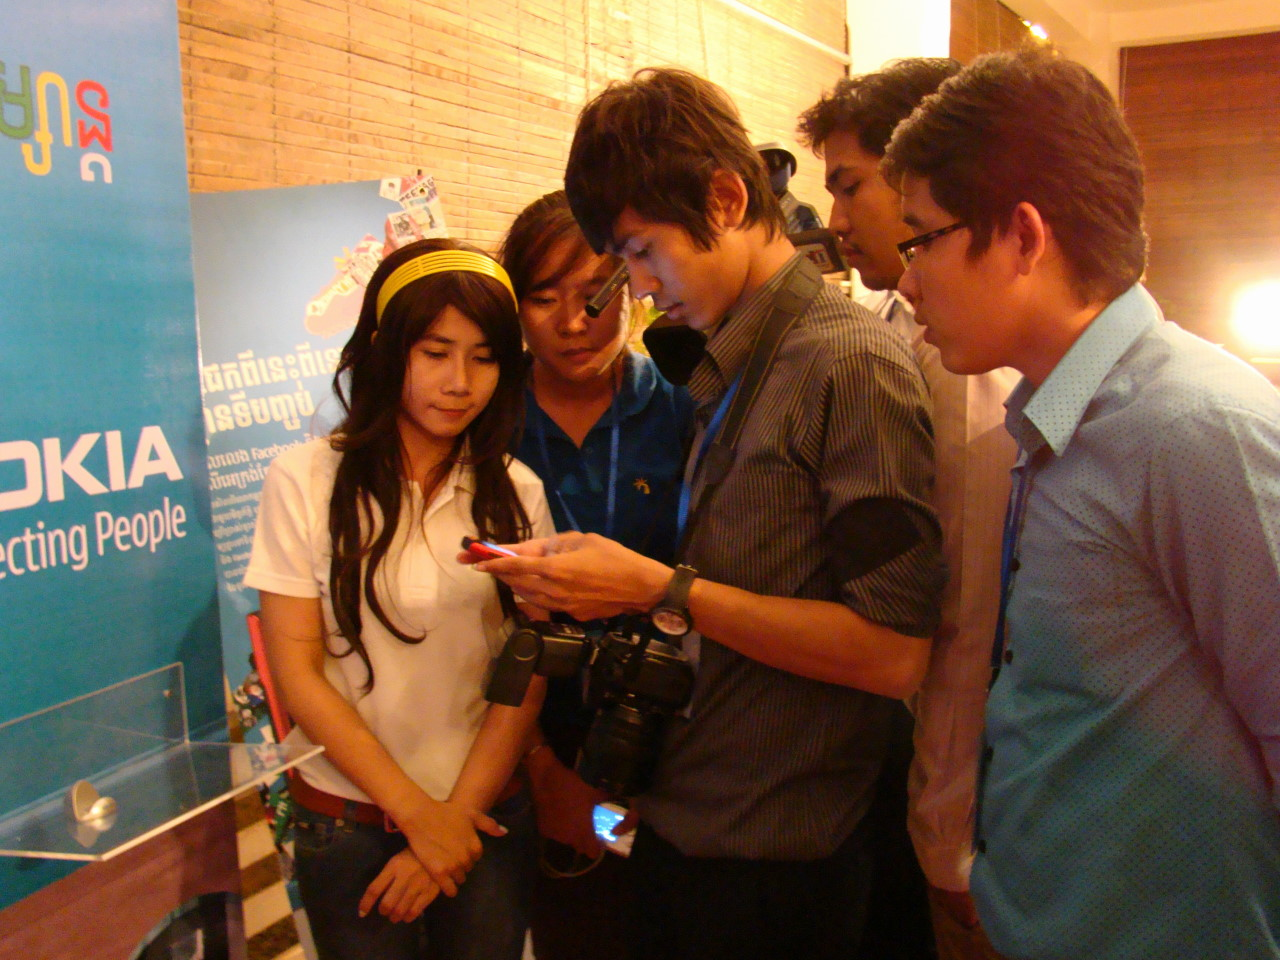 Google themes nokia x2-01 - Participants Are Testing Nokia X2 01